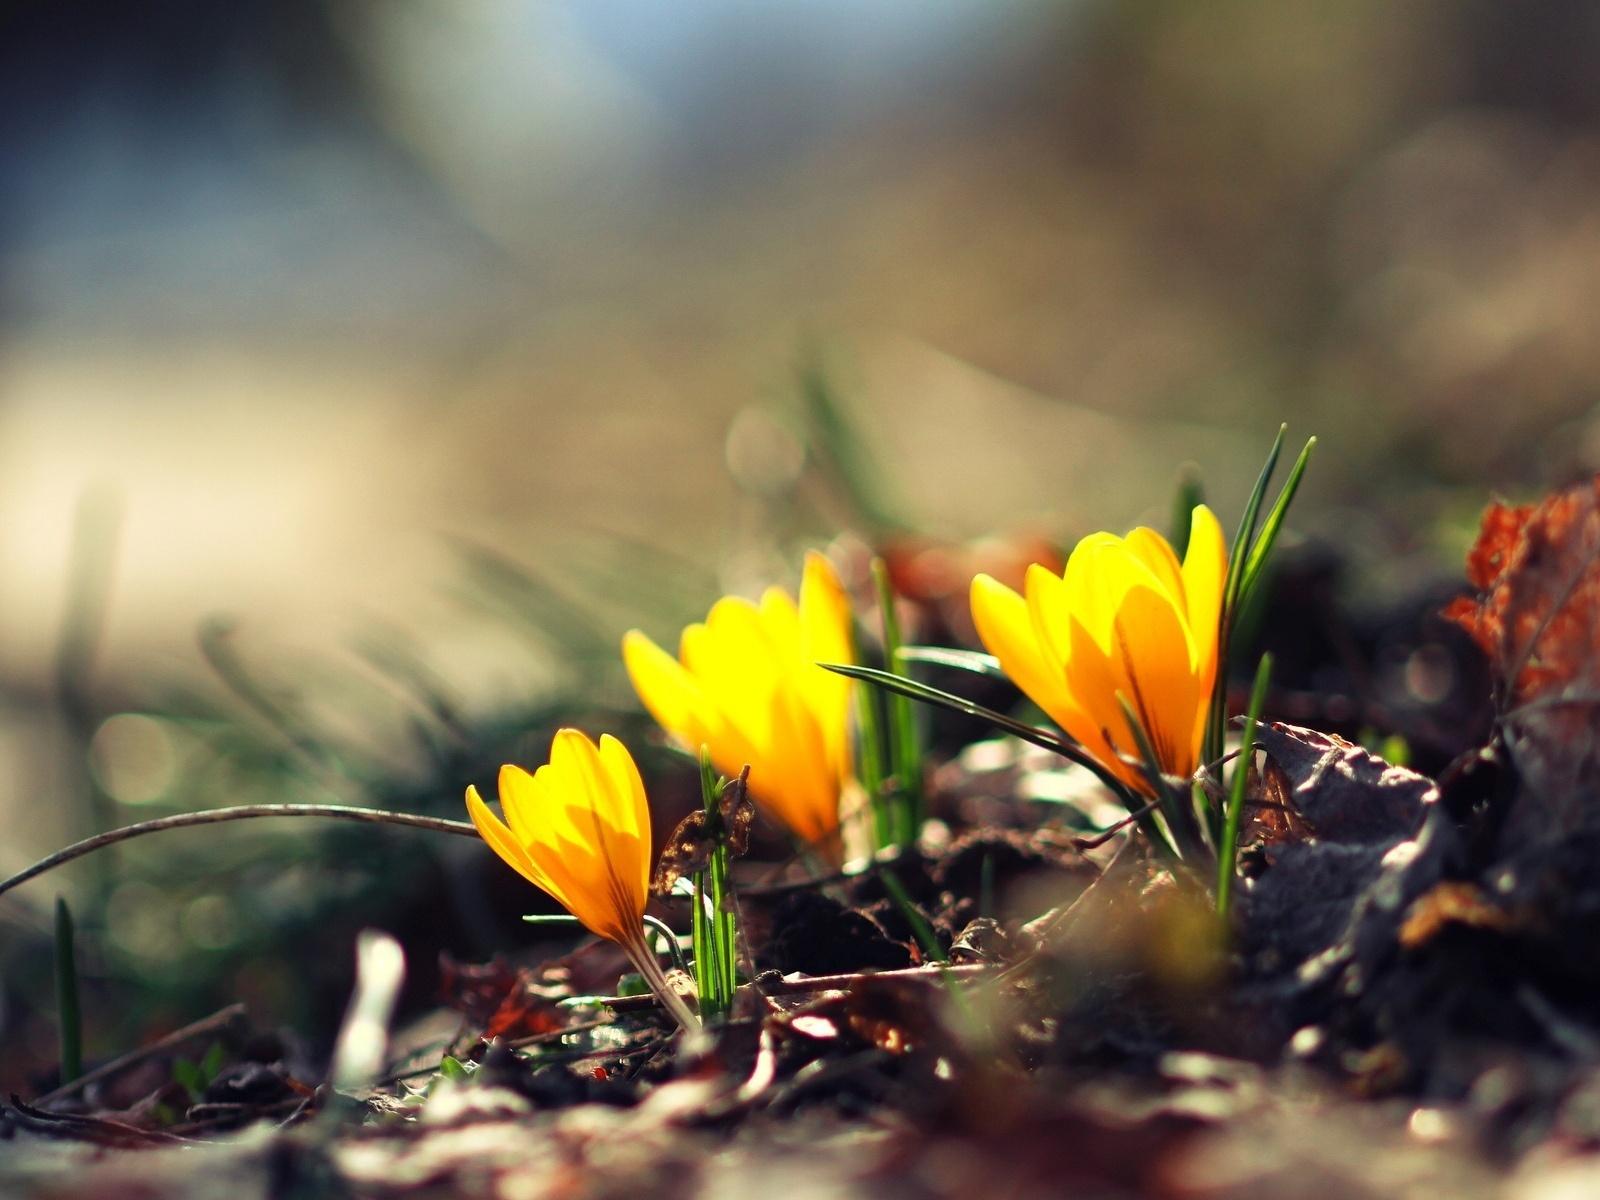 Цветы, цветок, боке, зелень, цветочки, размытие, желтый